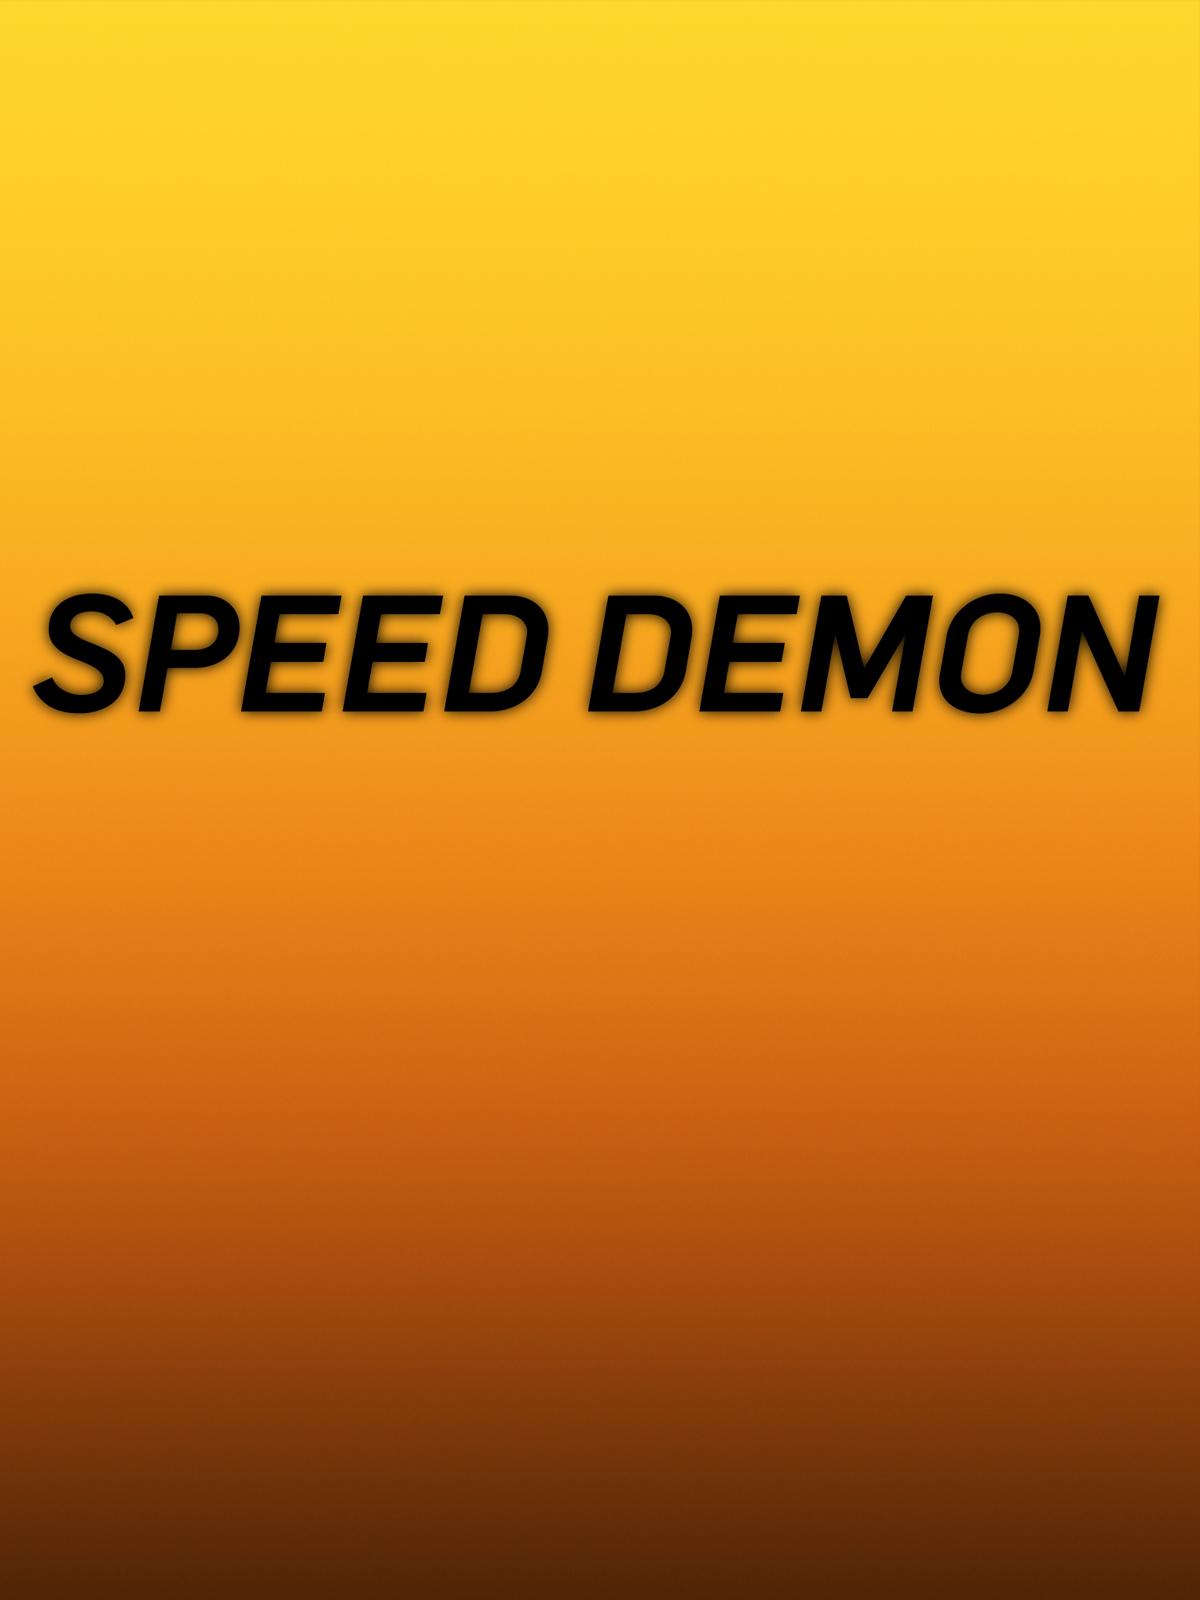 Here-SpeedDemon-Full-Image-en-US.jpg